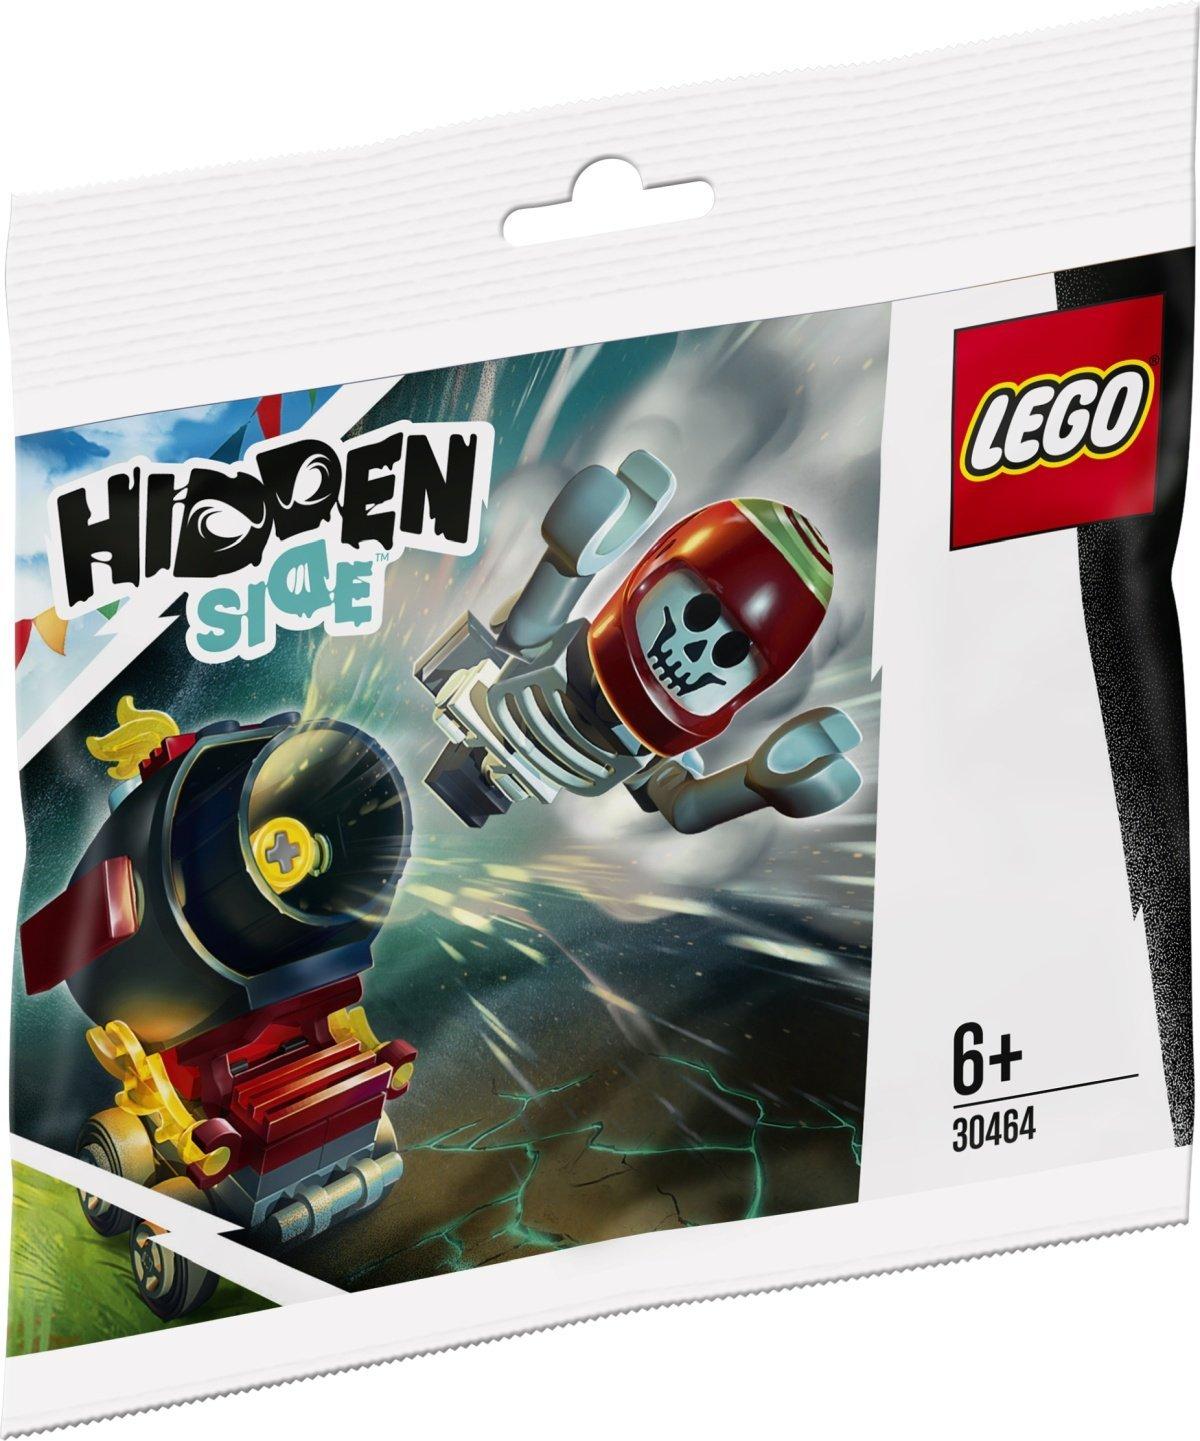 lego-hidden-side-30464-polybag zusammengebaut.com